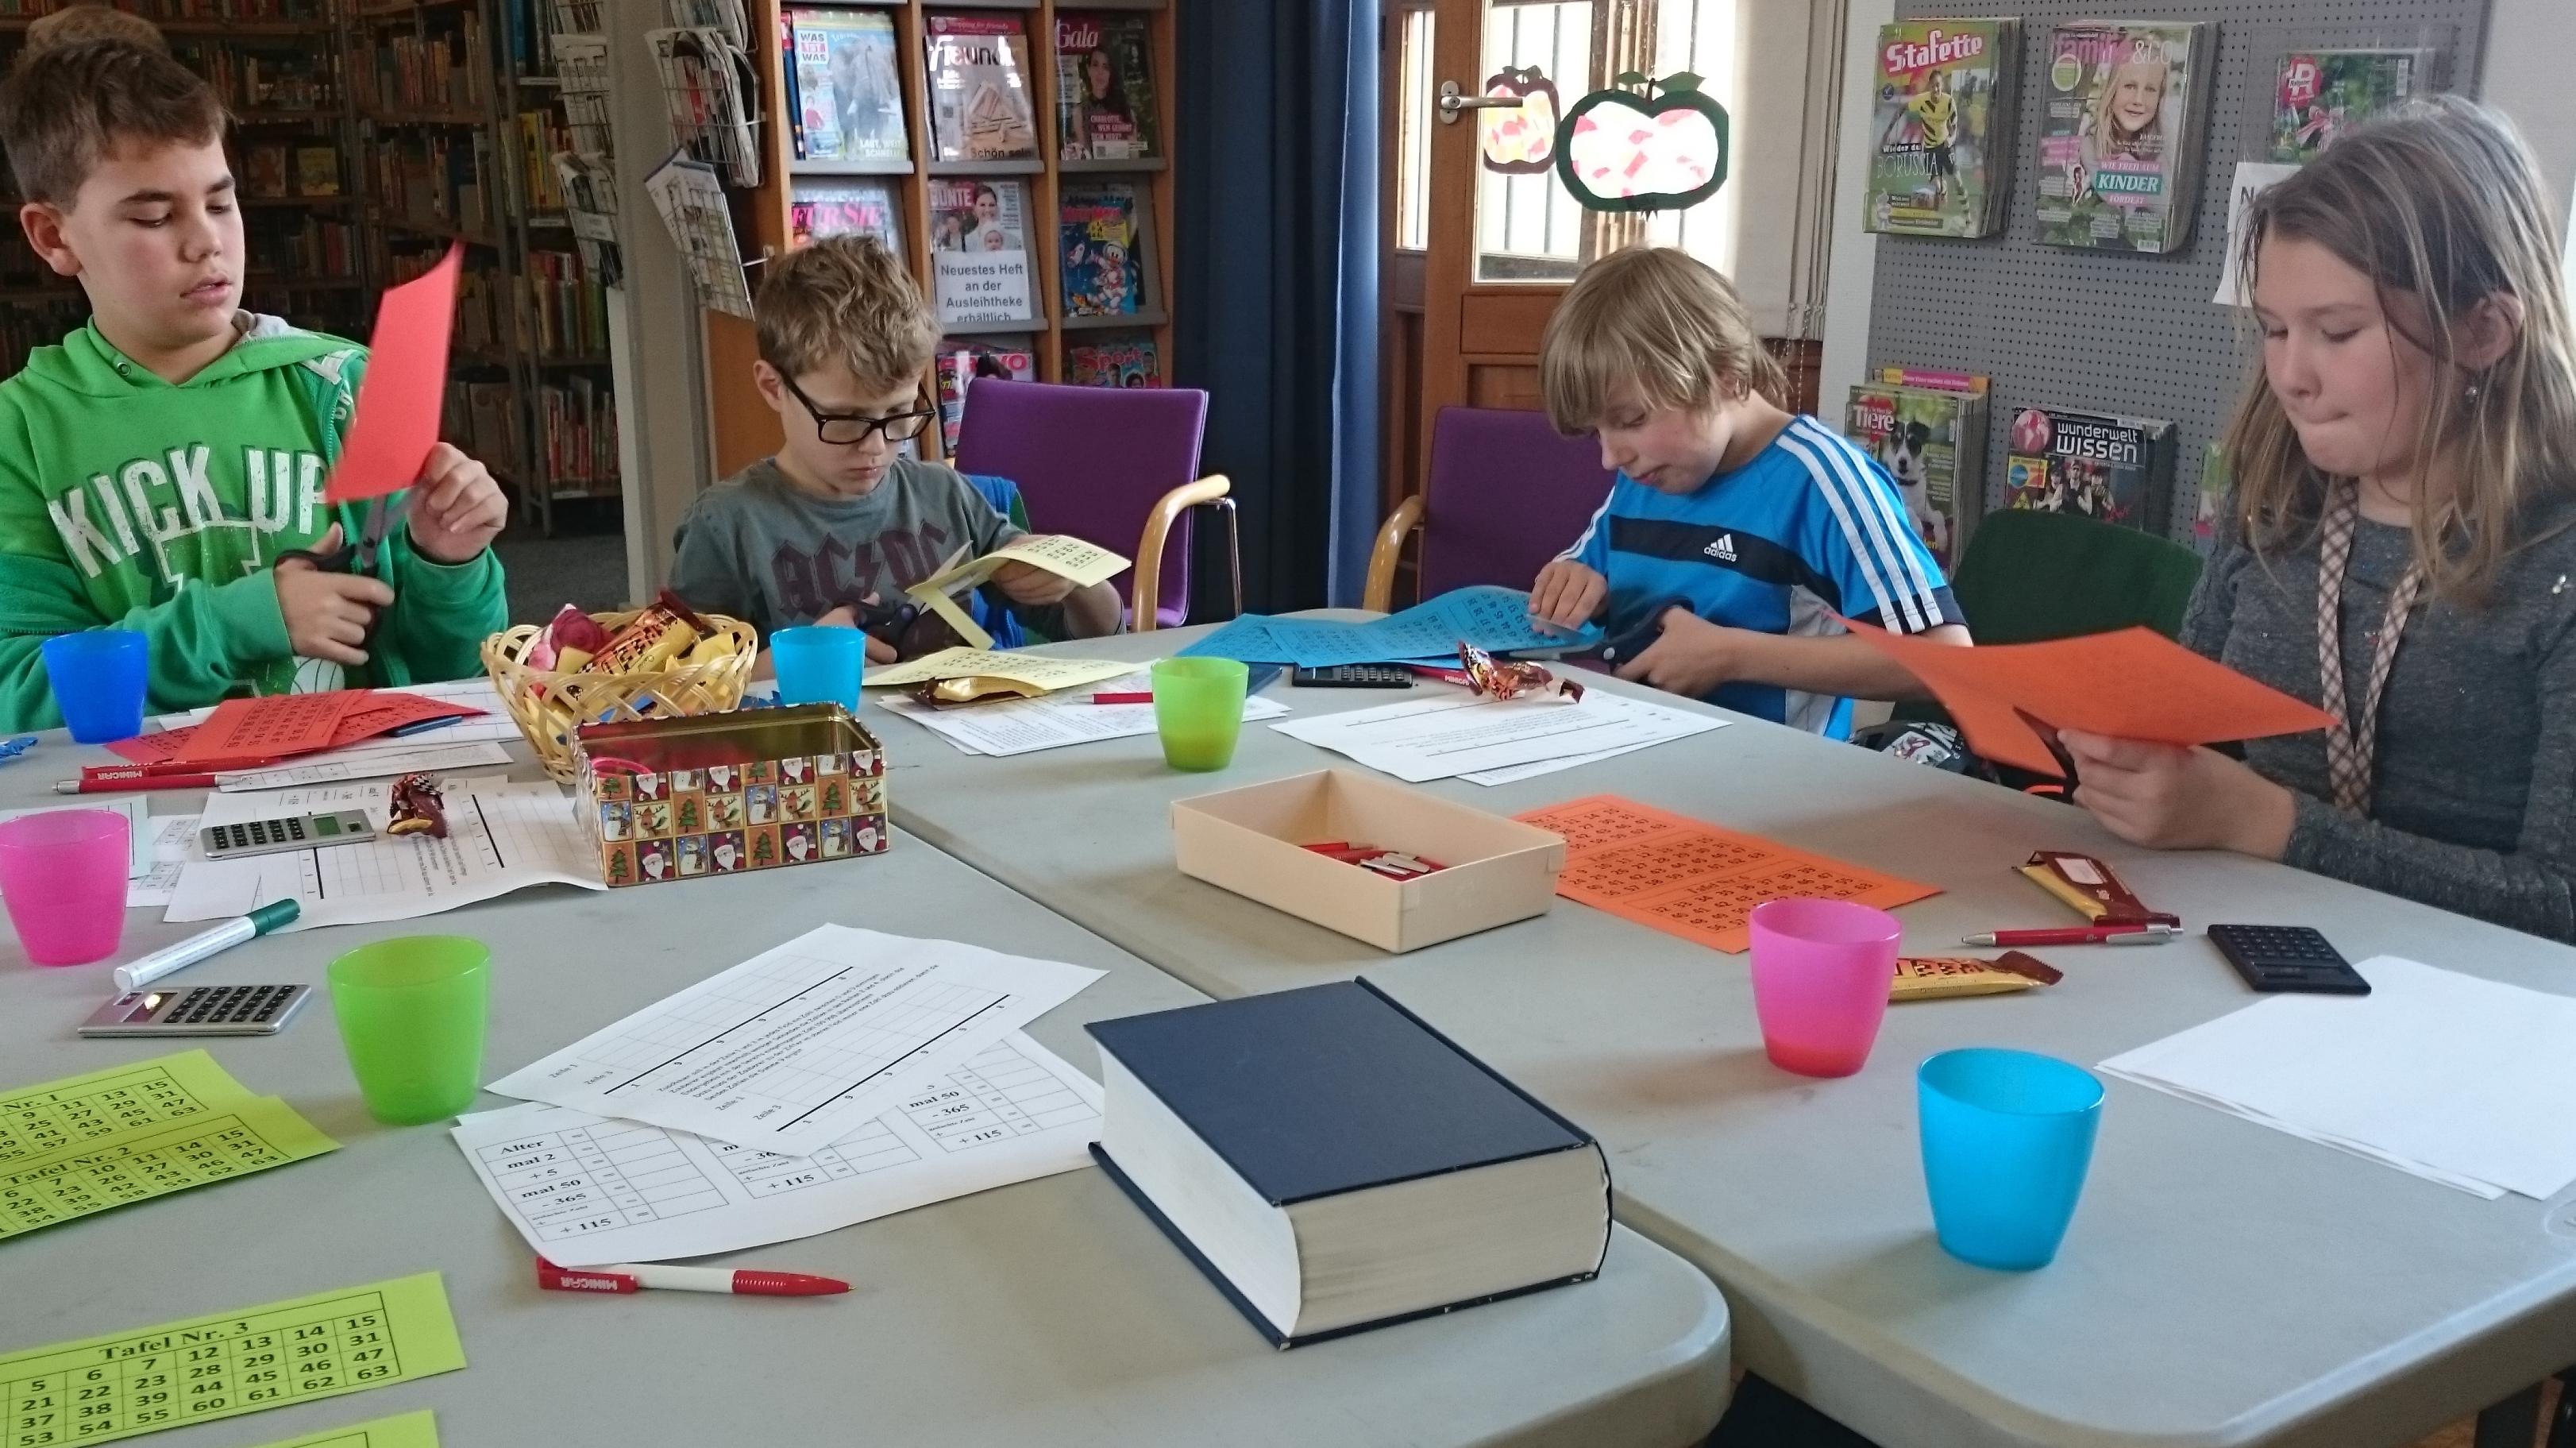 Zahlenworkshop in der Gemeindebibliothek in Graben-Neudorf